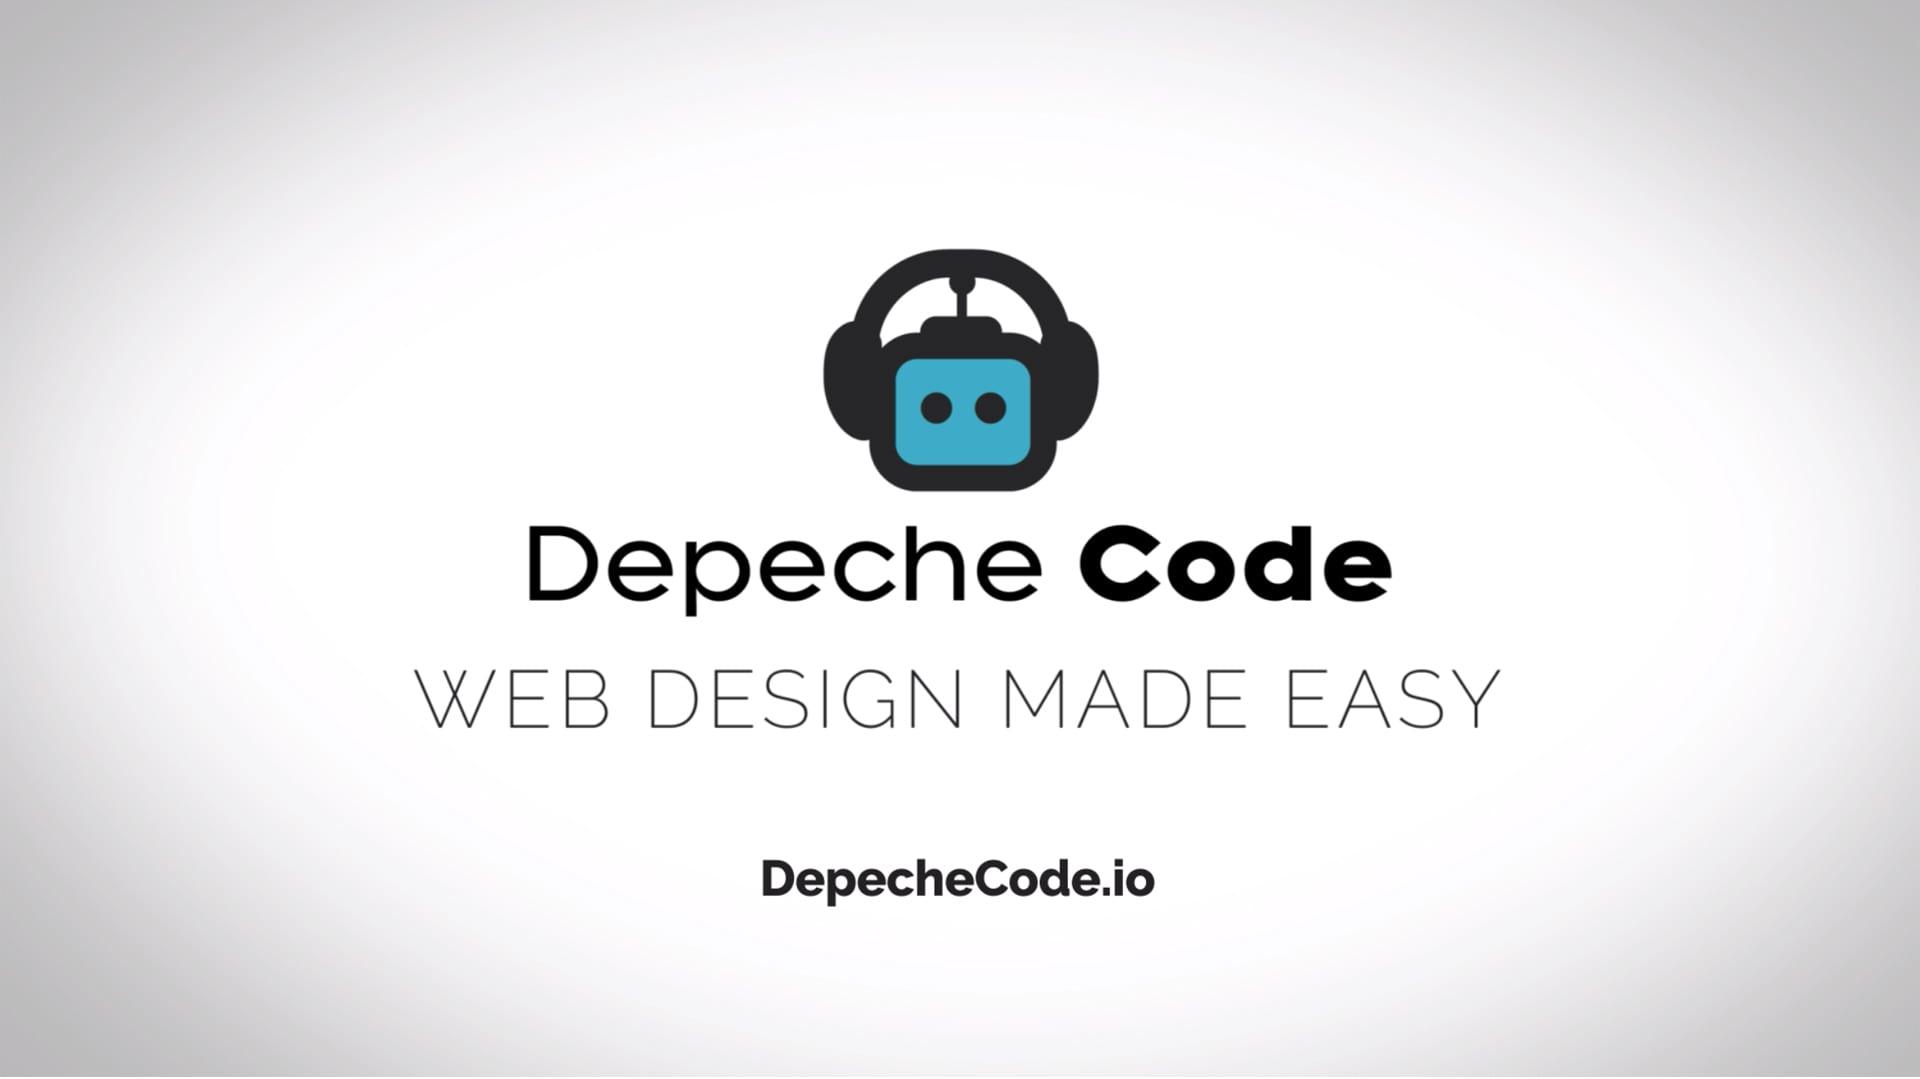 Depeche Code